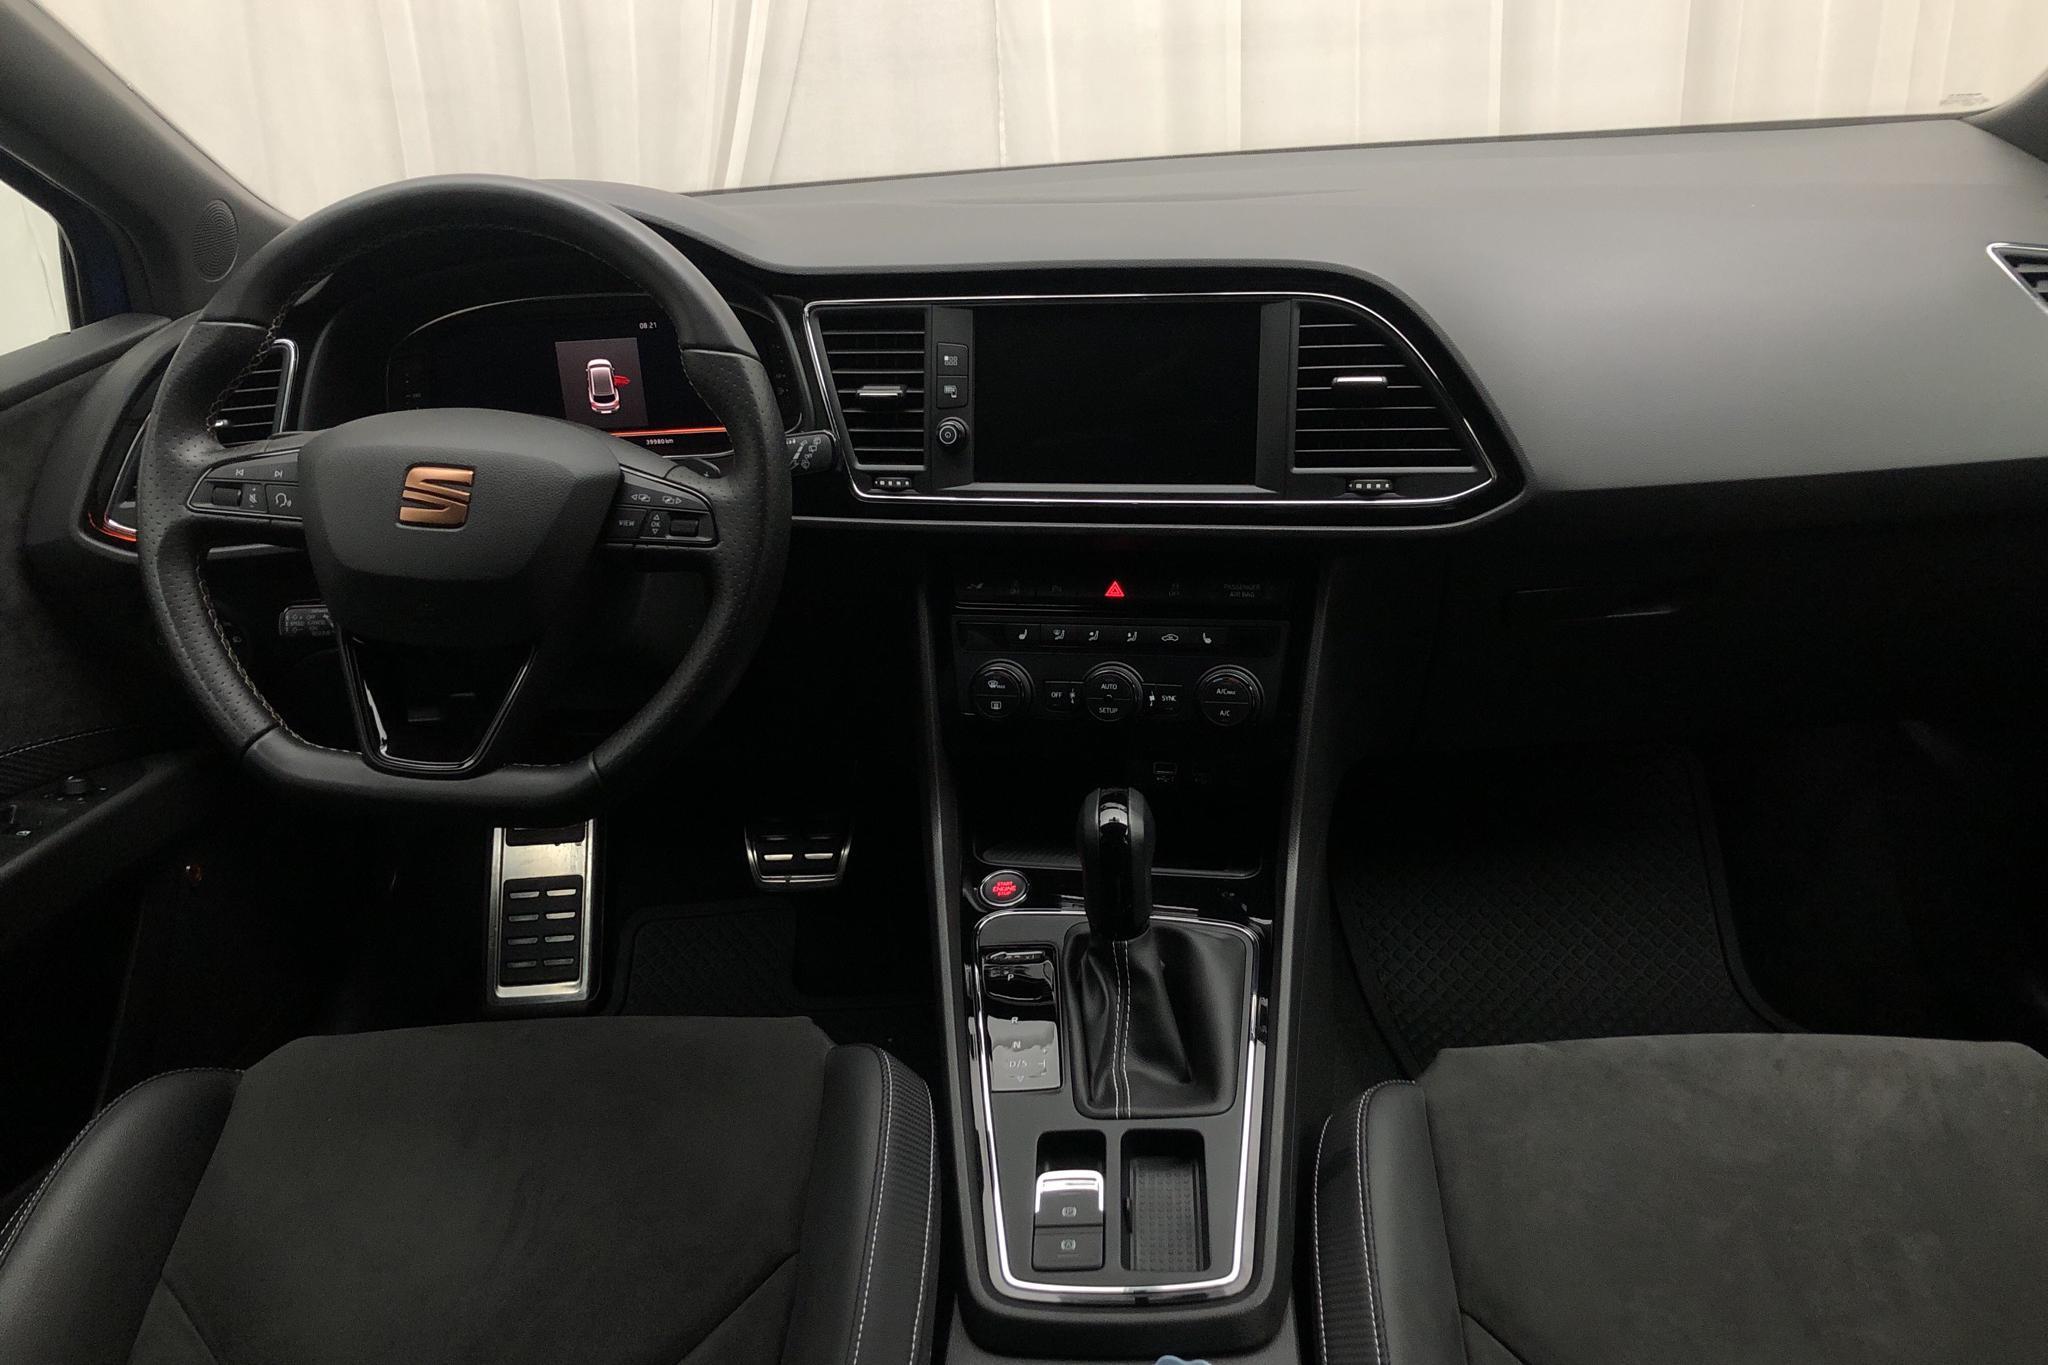 Seat Leon 2.0 TSI Cupra ST 4Drive (300hk) - 3 998 mil - Automat - blå - 2019